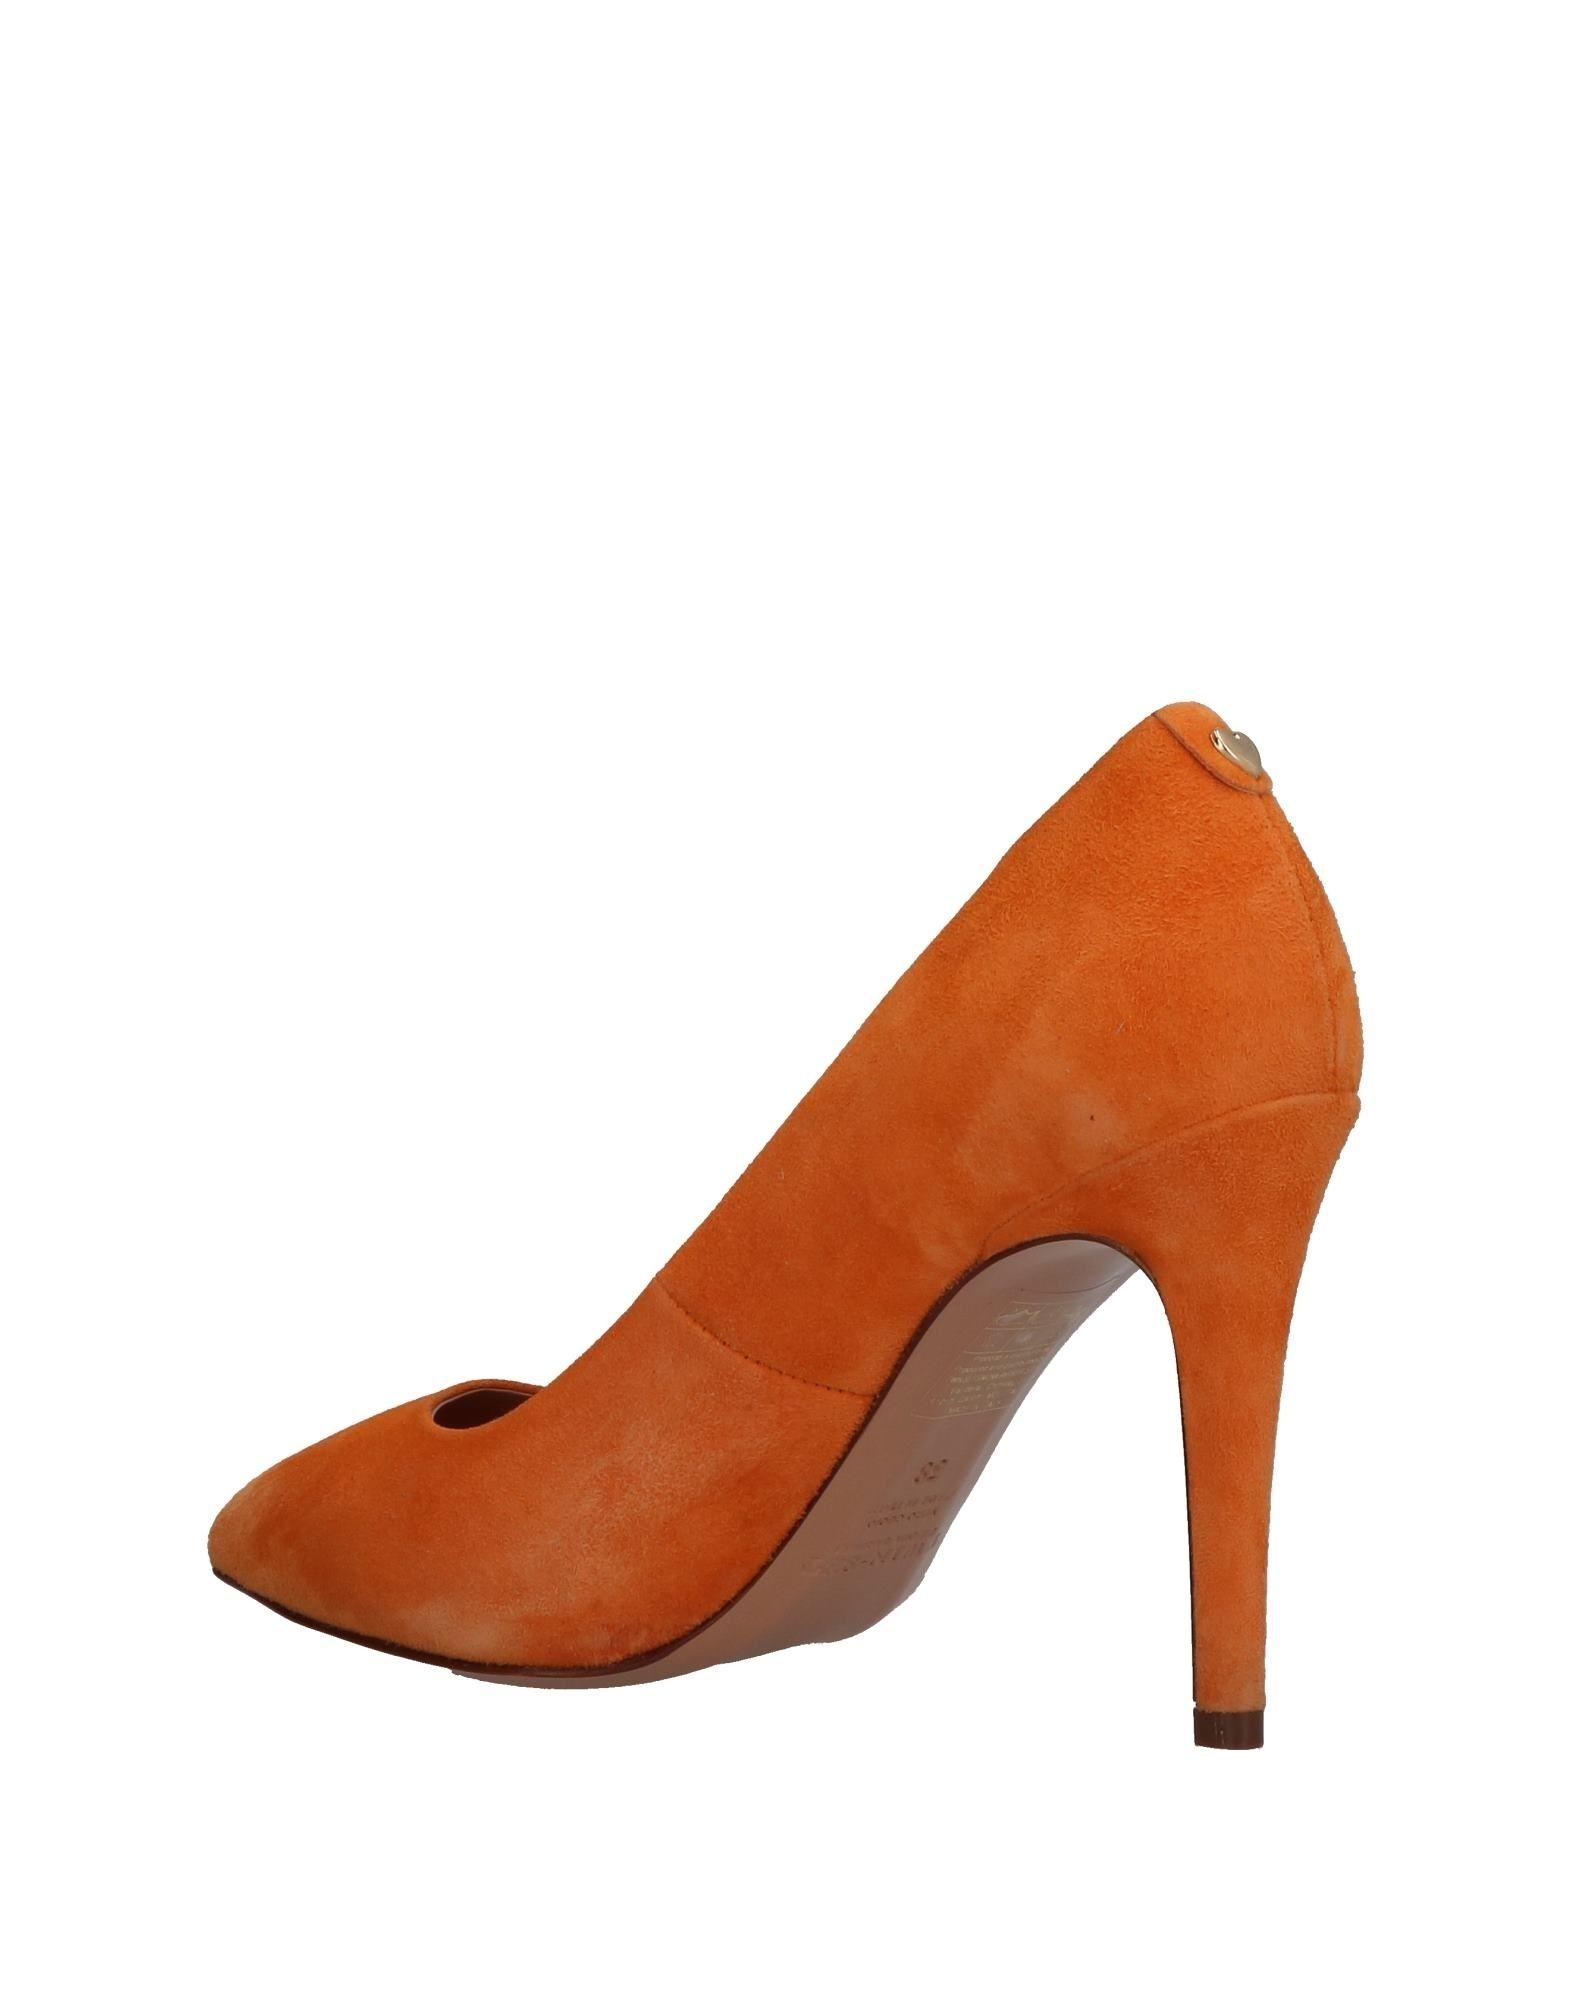 Haltbare Mode Mode Mode billige Schuhe Twin 11326147QN Beliebte Schuhe 24d78c